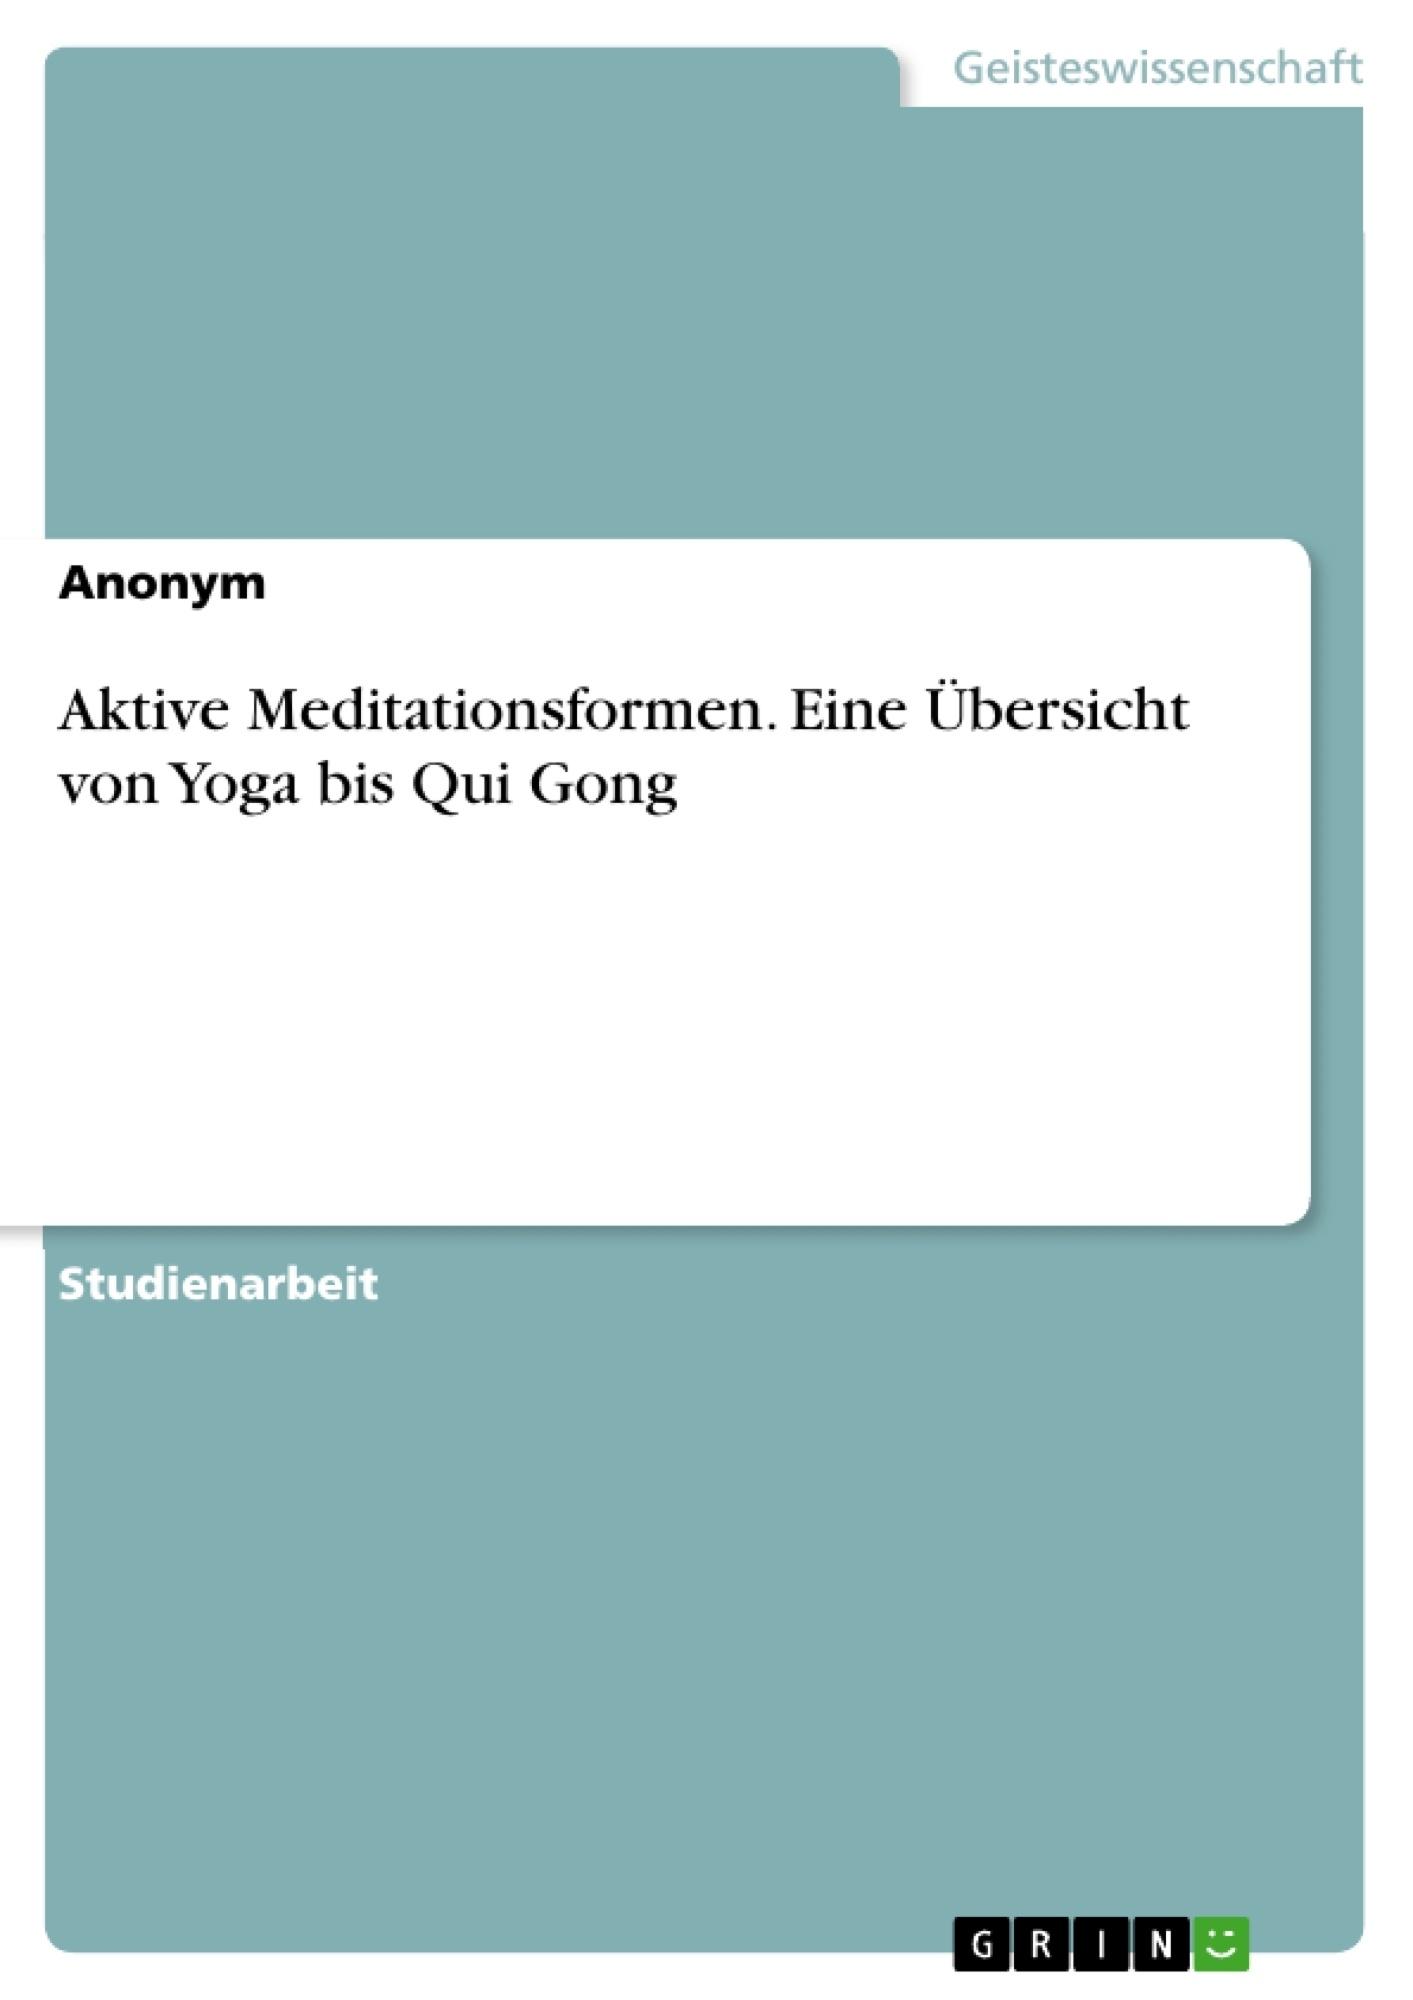 Titel: Aktive Meditationsformen. Eine Übersicht von Yoga bis Qui Gong